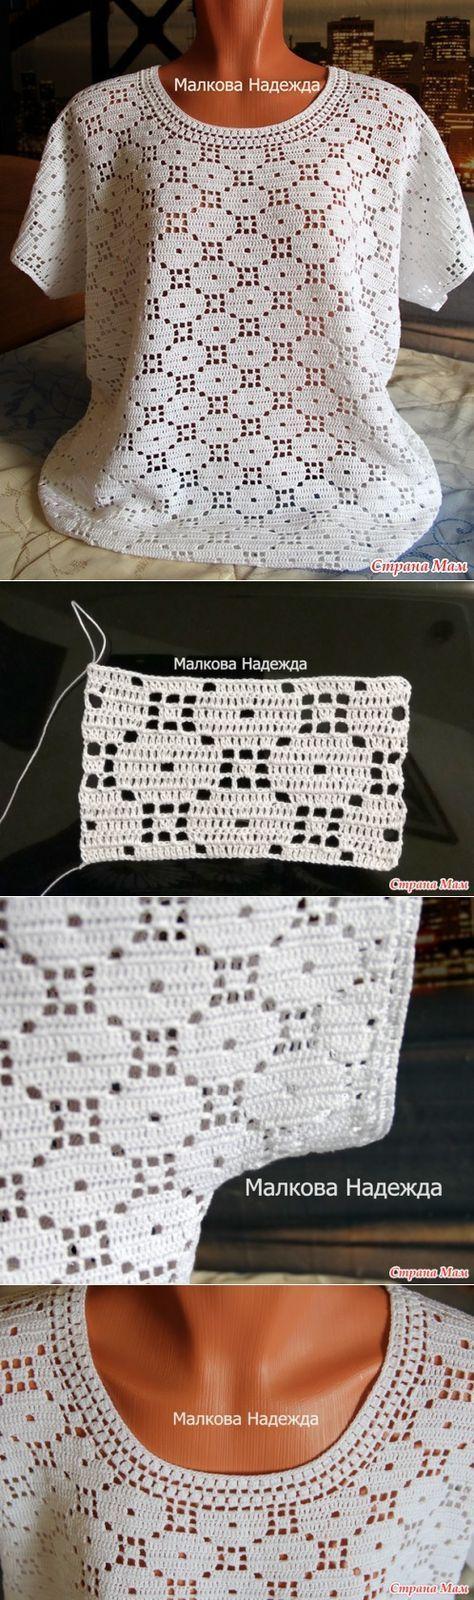 Letras e Artes da Lalá: Blusas de crochê (com receitas - fotos: google)